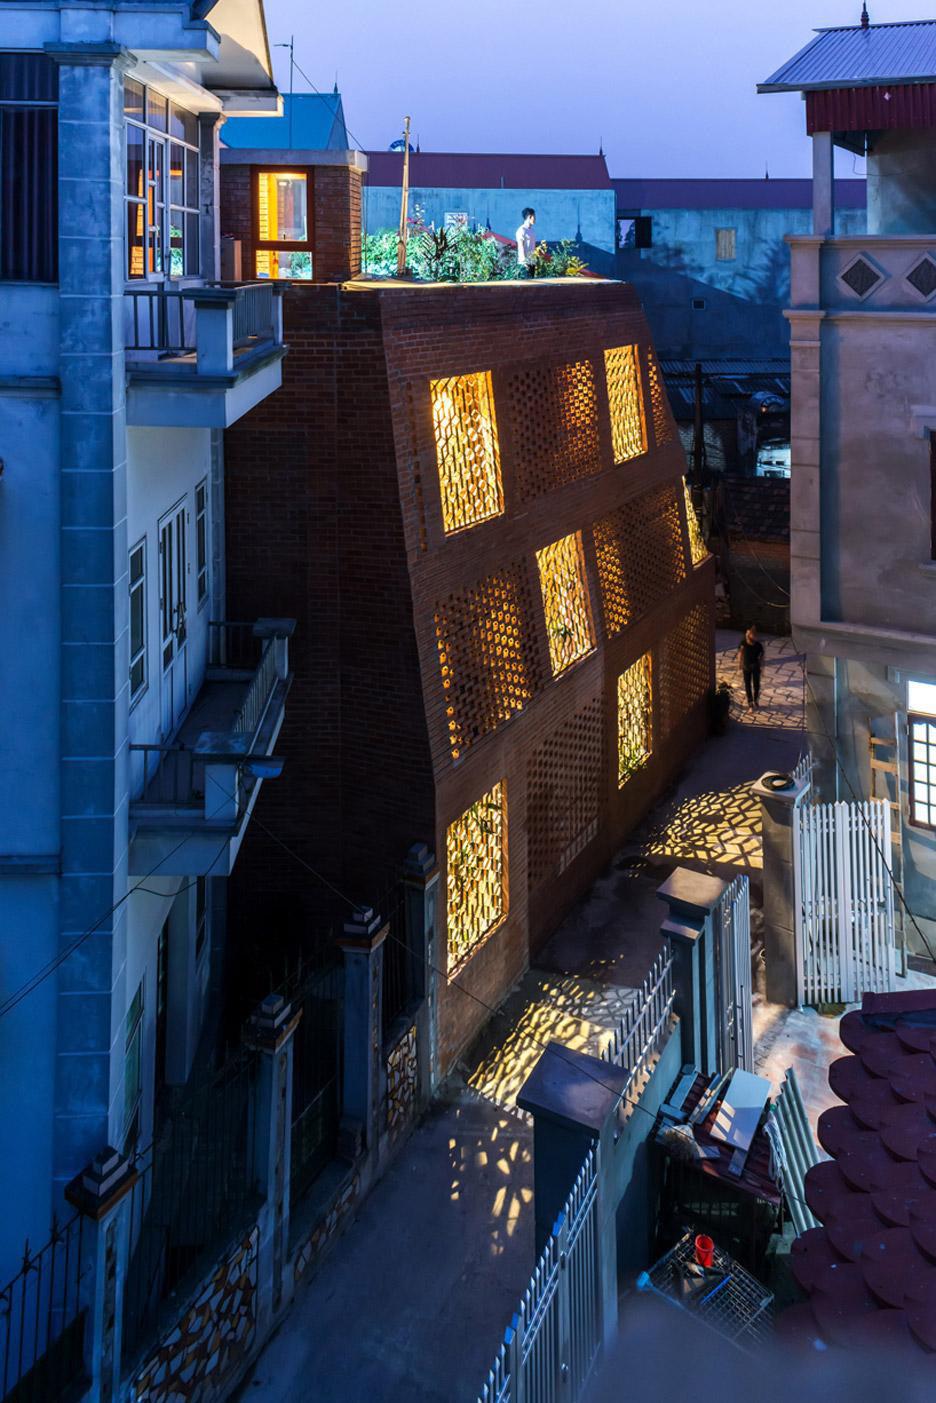 """Độc lạ Thủ đô: Ngôi nhà xây bằng gạch mộc với hàng ngàn ô trống gây """"sốt"""" - Ảnh 11."""